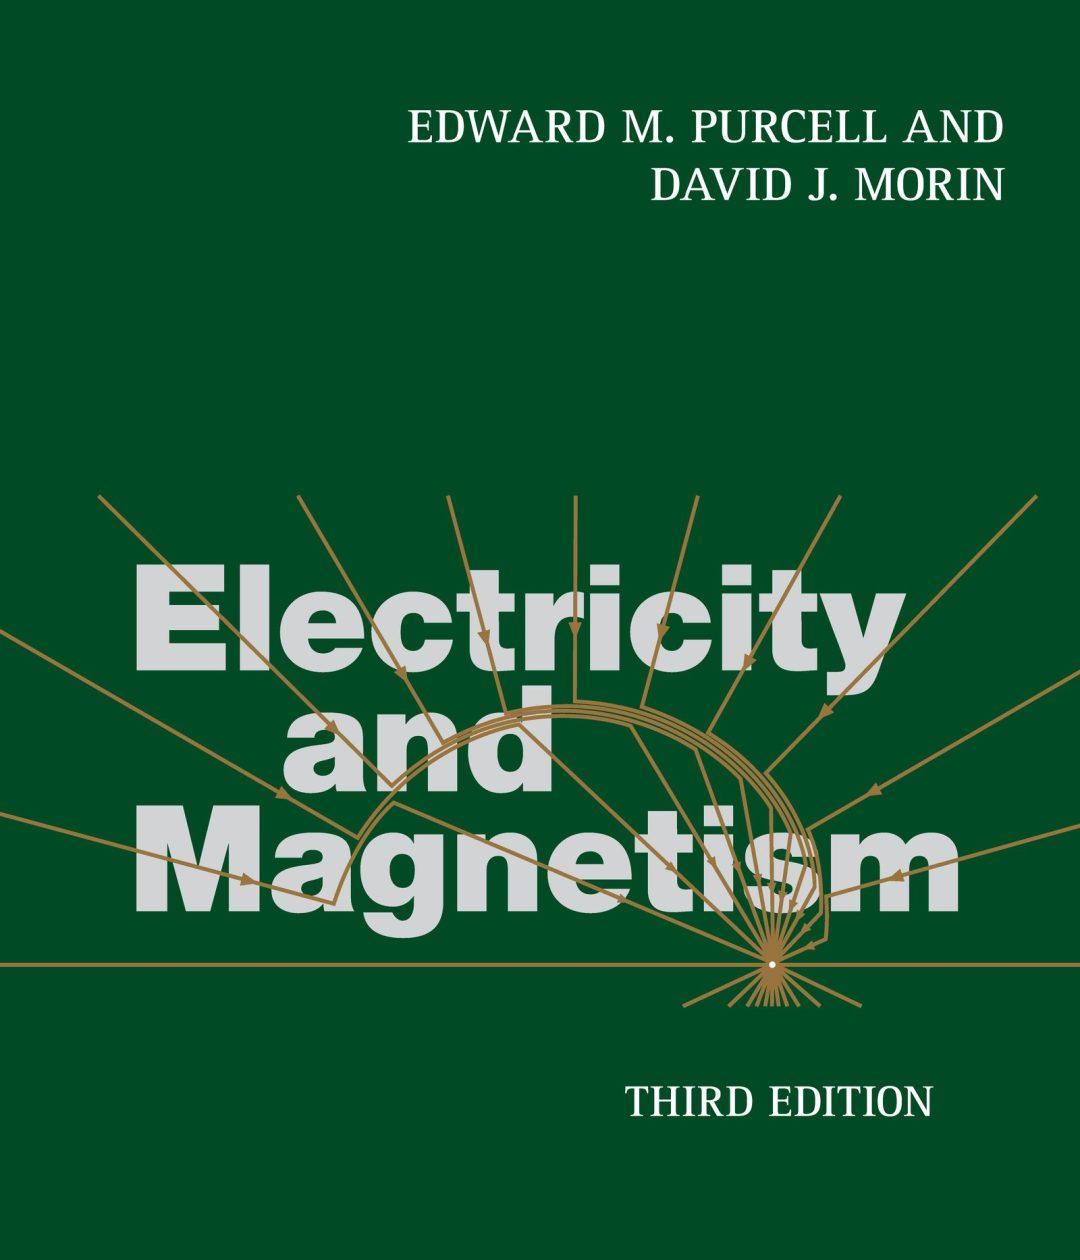 کتاب حل المسائل الکتریسیته و مغناطیس پورسل ویرایش سوم